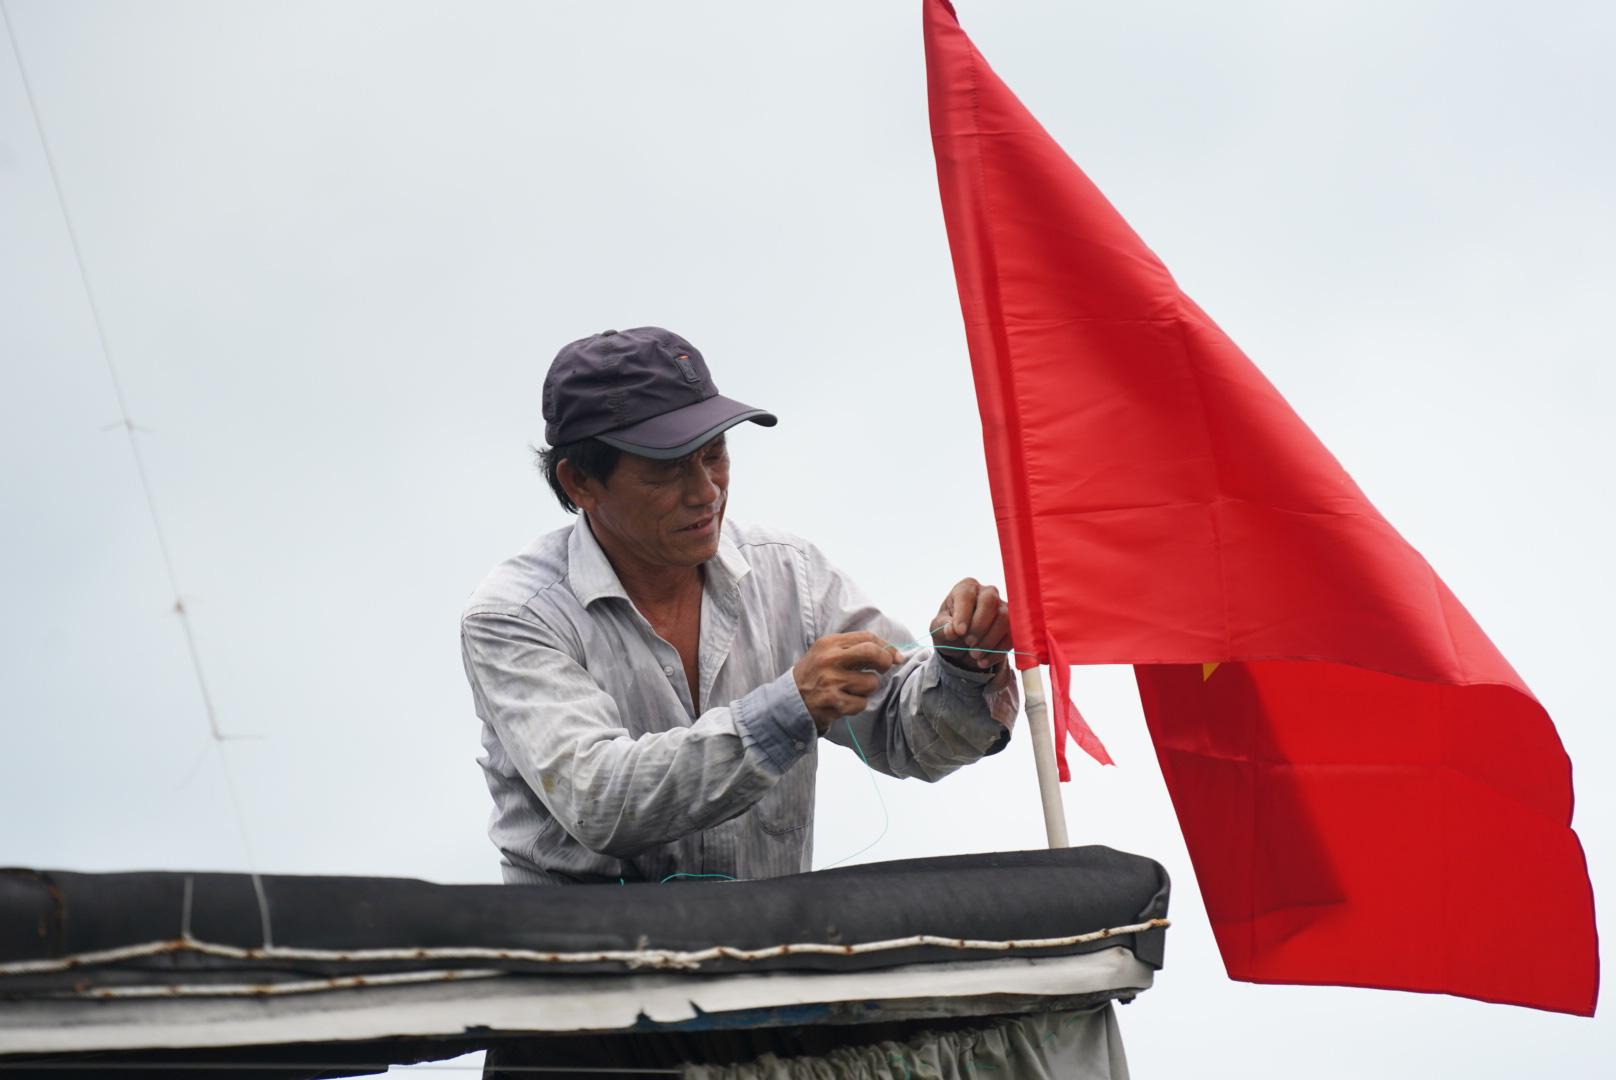 Xúc động cảnh ngư dân Cần Giờ lội biển nhận cờ Tổ quốc - Ảnh 6.